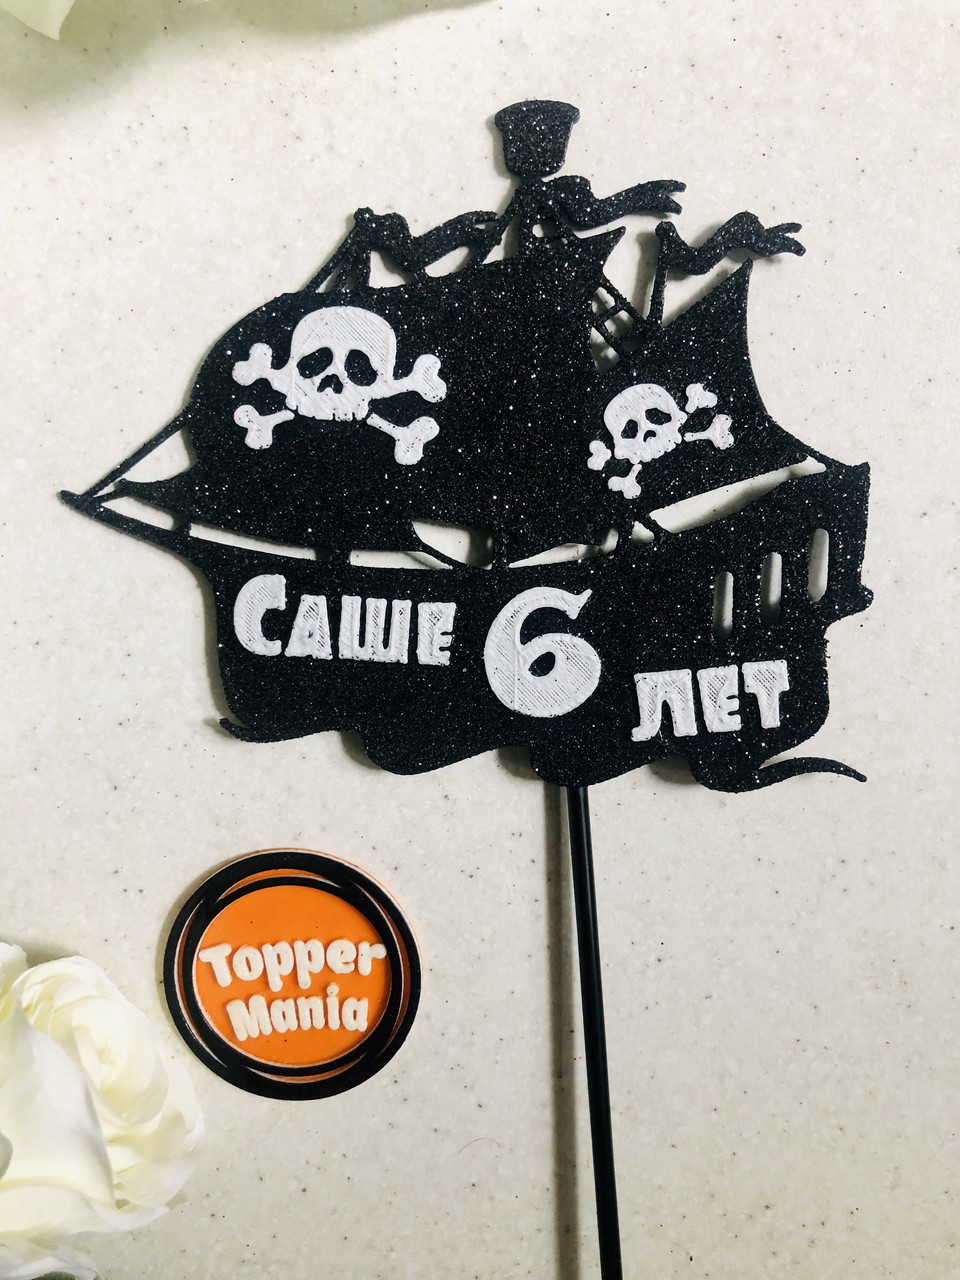 Топпер на торт піратський корабель з ім'ям,Топпери в піратському стилі, топпер корабель